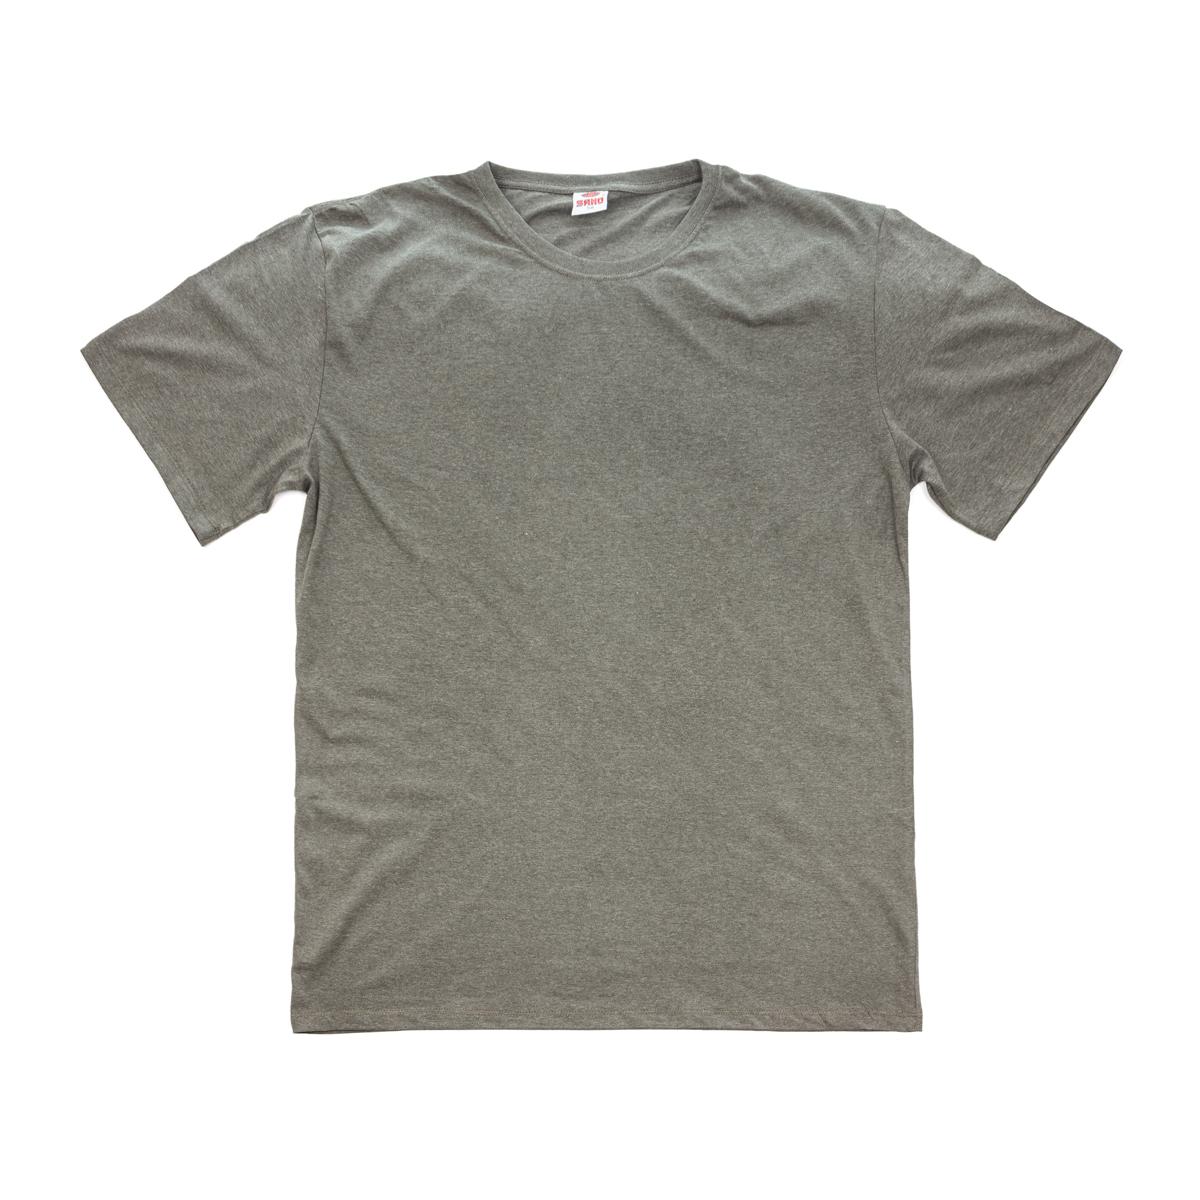 Муж. футболка арт. 04-0043 Хаки р. 64Майки и футболки<br>Фактический ОГ:136 см<br>Фактический ОТ:136 см<br>Фактический ОБ:136 см<br>Длина по спинке:87 см<br>Рост:178-188 см<br><br>Тип: Муж. футболка<br>Размер: 64<br>Материал: Супрем